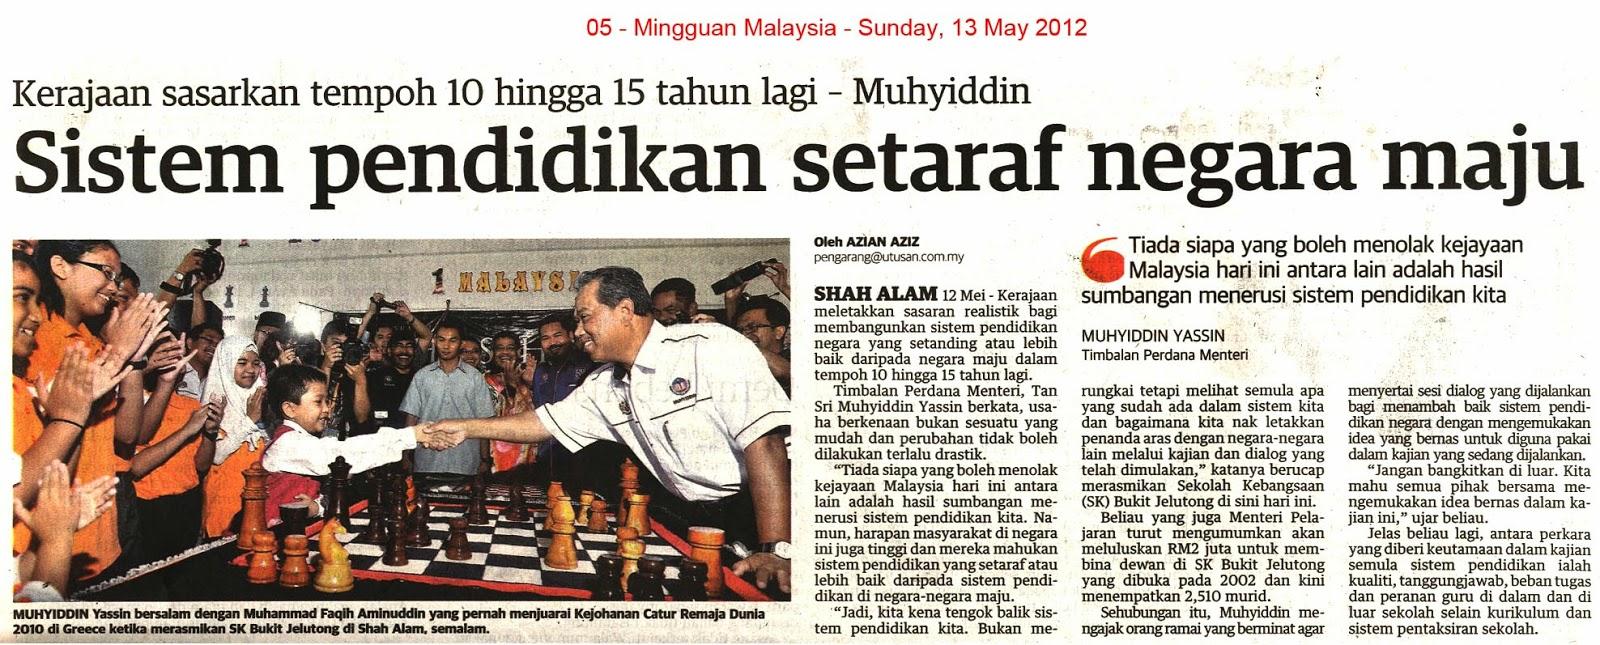 Malaysia boleh dijadikan contoh oleh negara lain dalam pendidikan